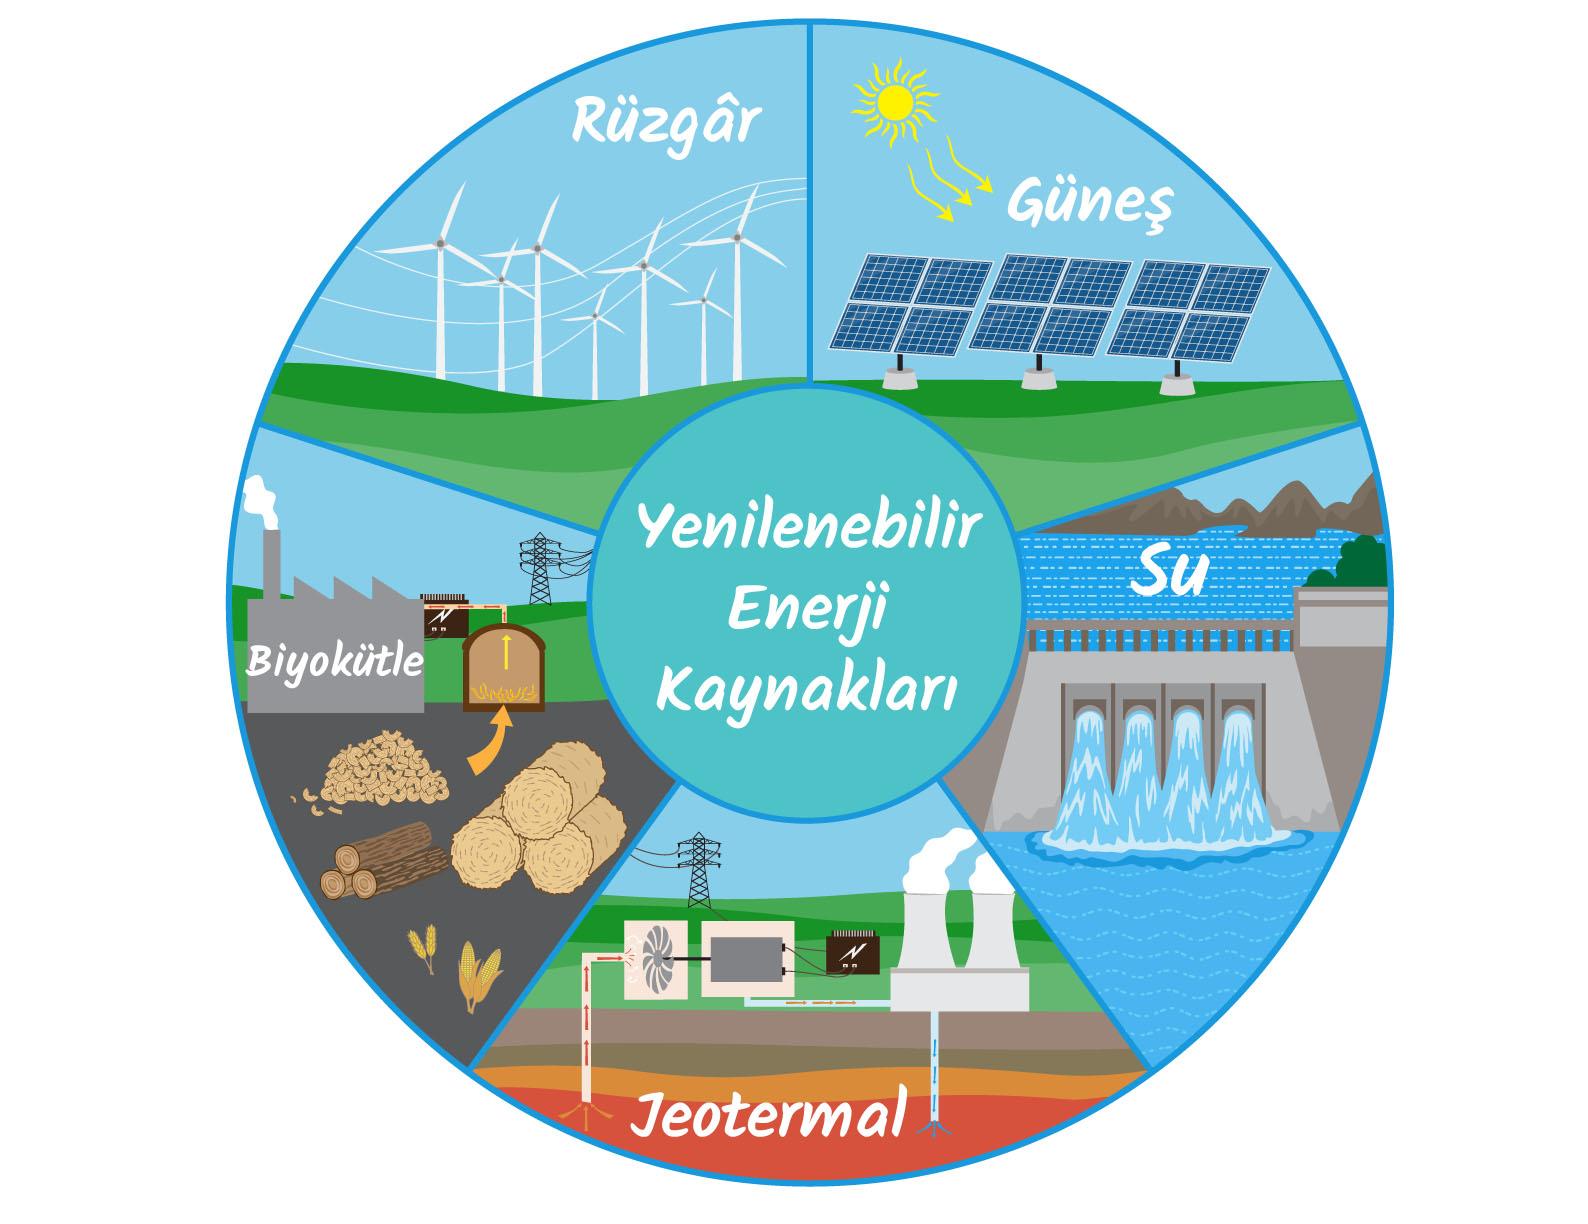 data-cke-saved-src=https://bilimgenc.tubitak.gov.tr/sites/default/files/alternatif_enerji_kaynaklari_ve_turkiye_yenilenebilir_enerji_cesitleri.jpg